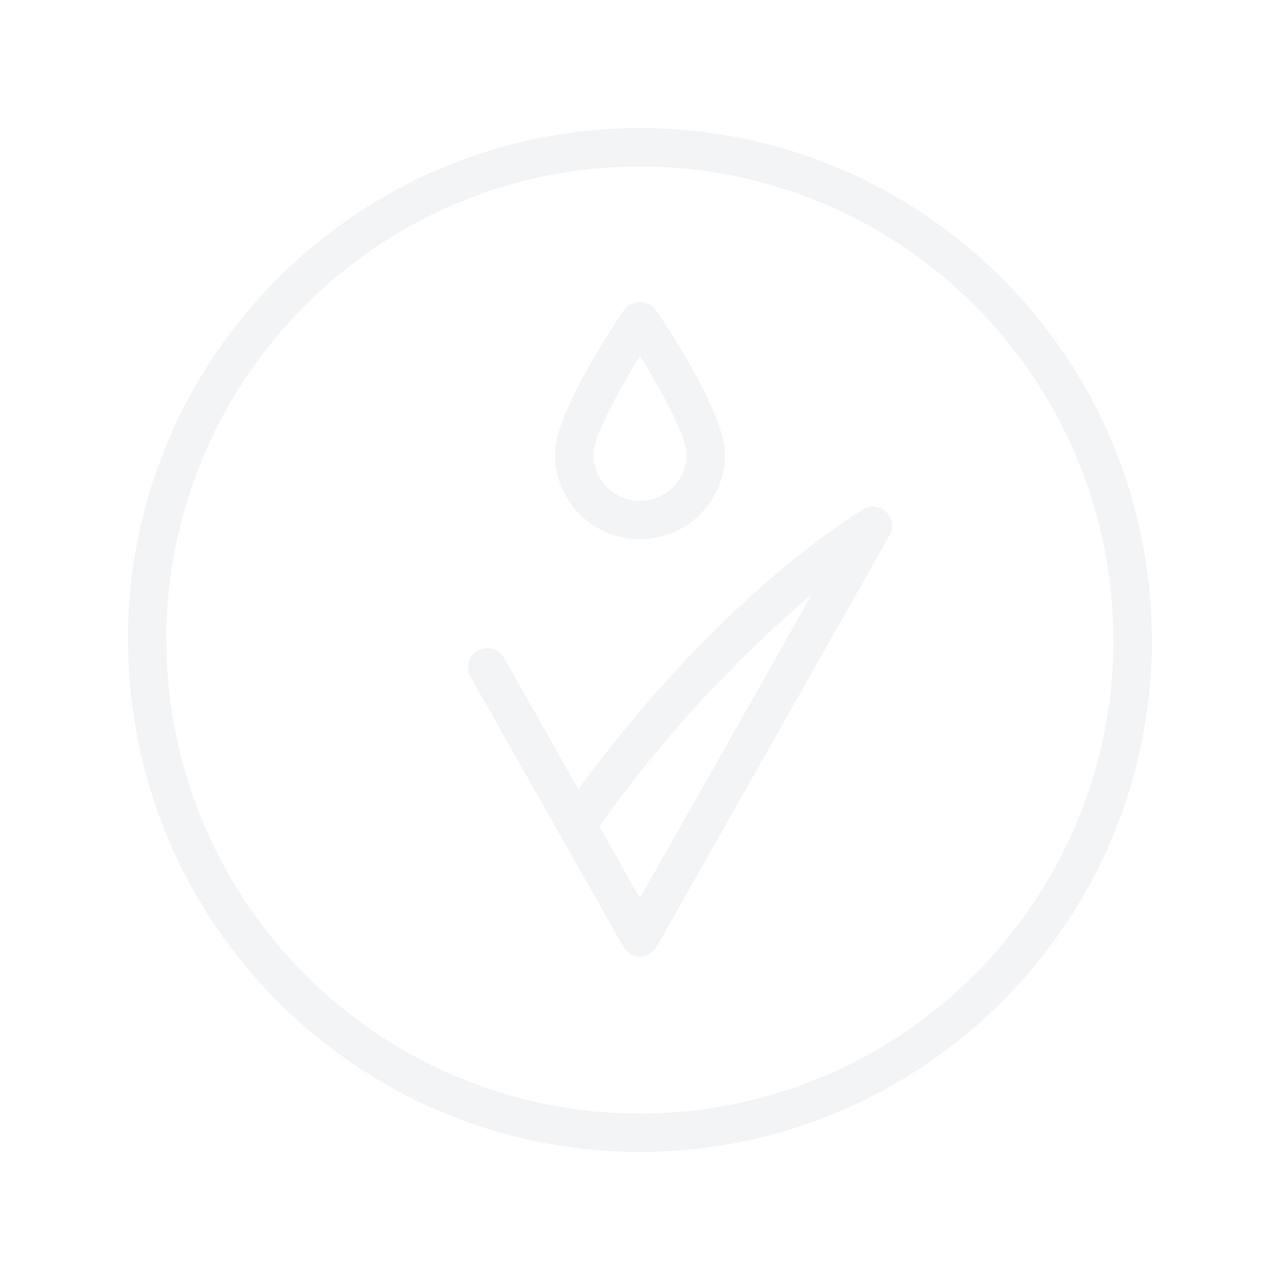 MUA Kabuki Face & Body Brush кисть для нанесения на большие части лица